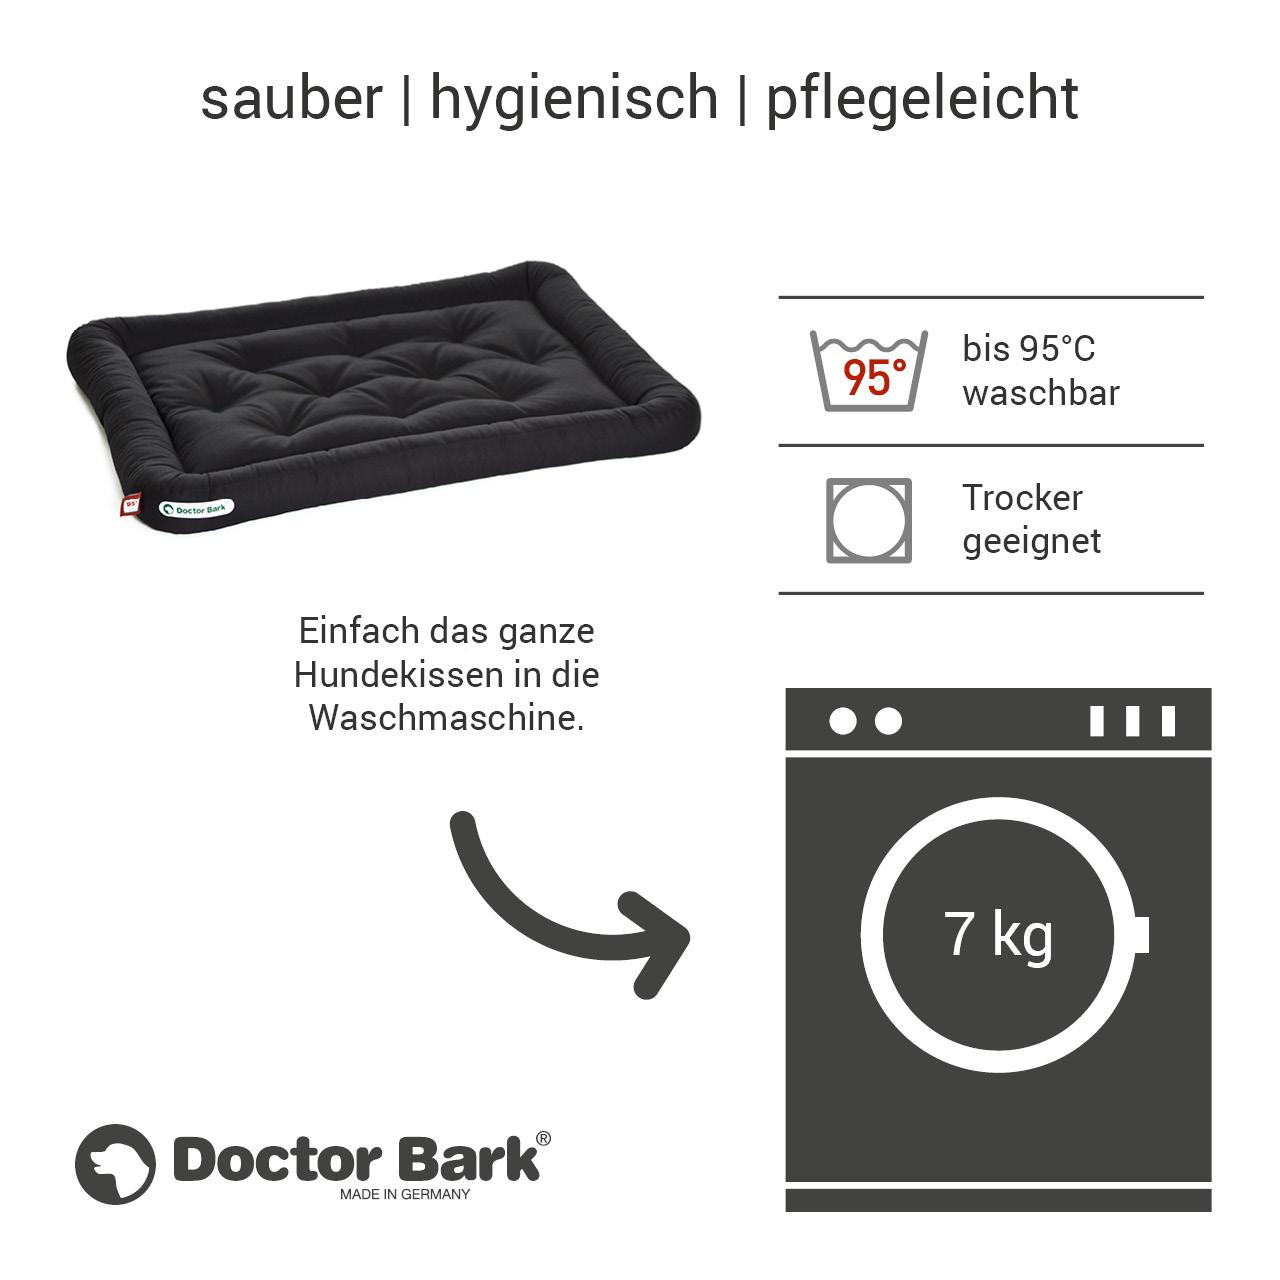 Lounge-Hundekissen / Hundebett orthopädisch Doctor Bark waschbar schwarz - Gr. L